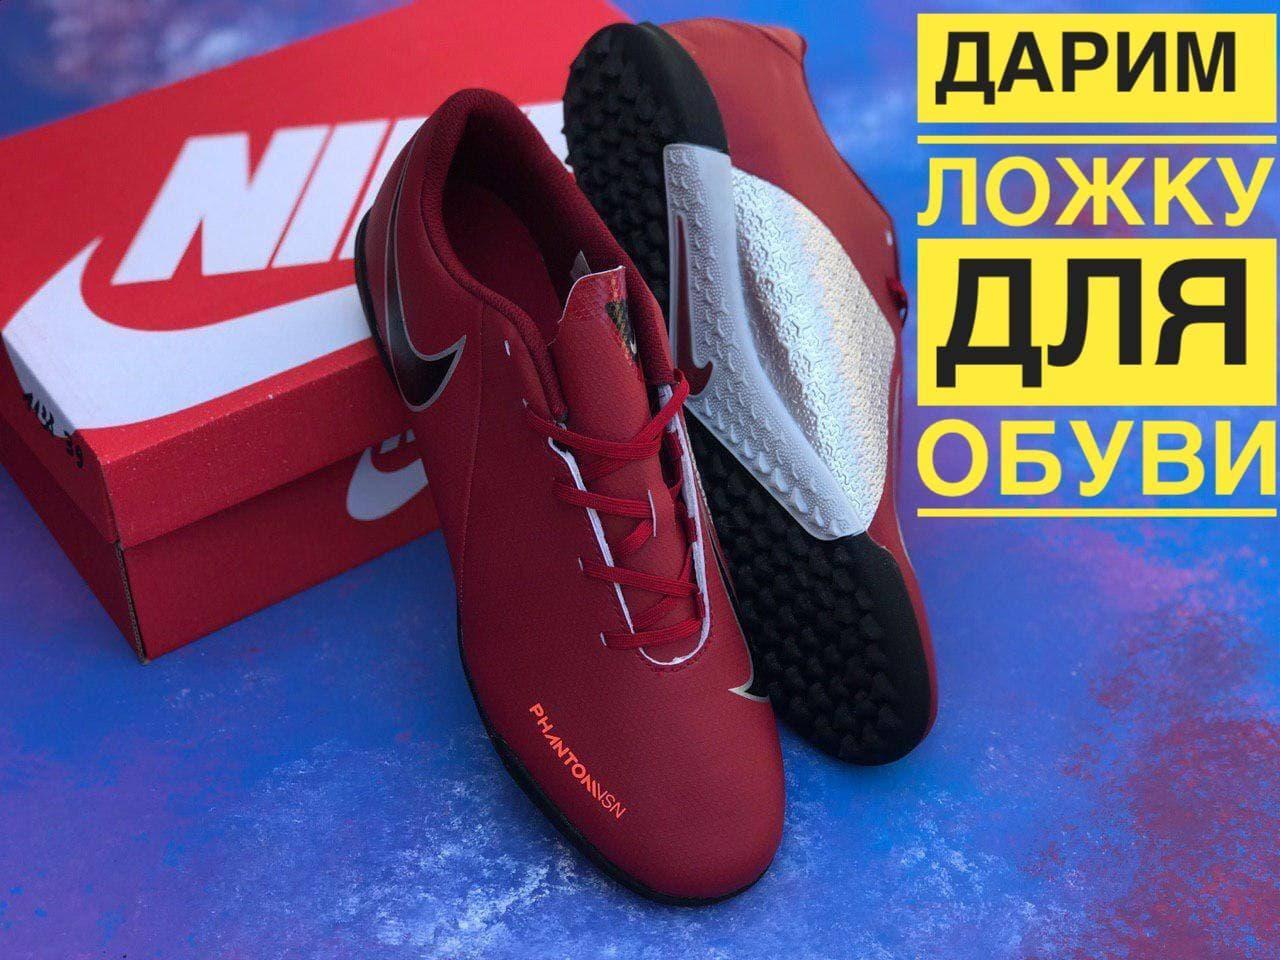 Стоноги Nike Phantom Vision / бампы / футбольна взуття / найк фантом /многошиповки